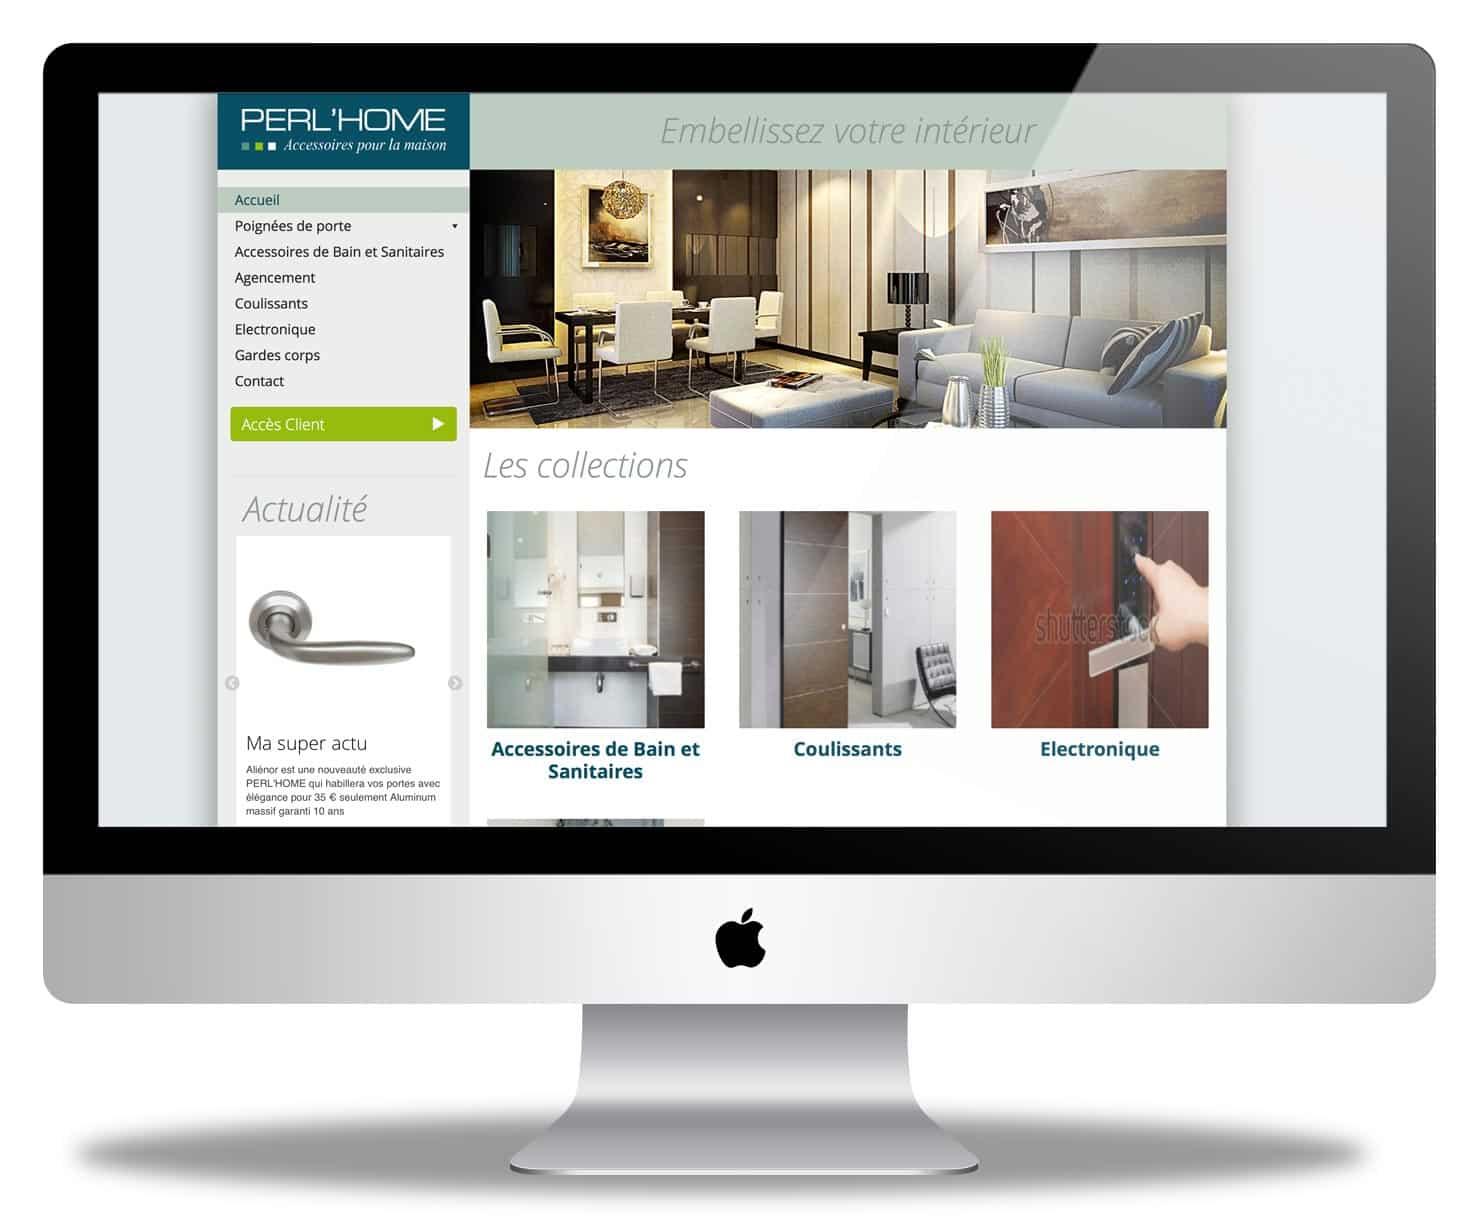 PERL'HOME des poignées design pour votre maison